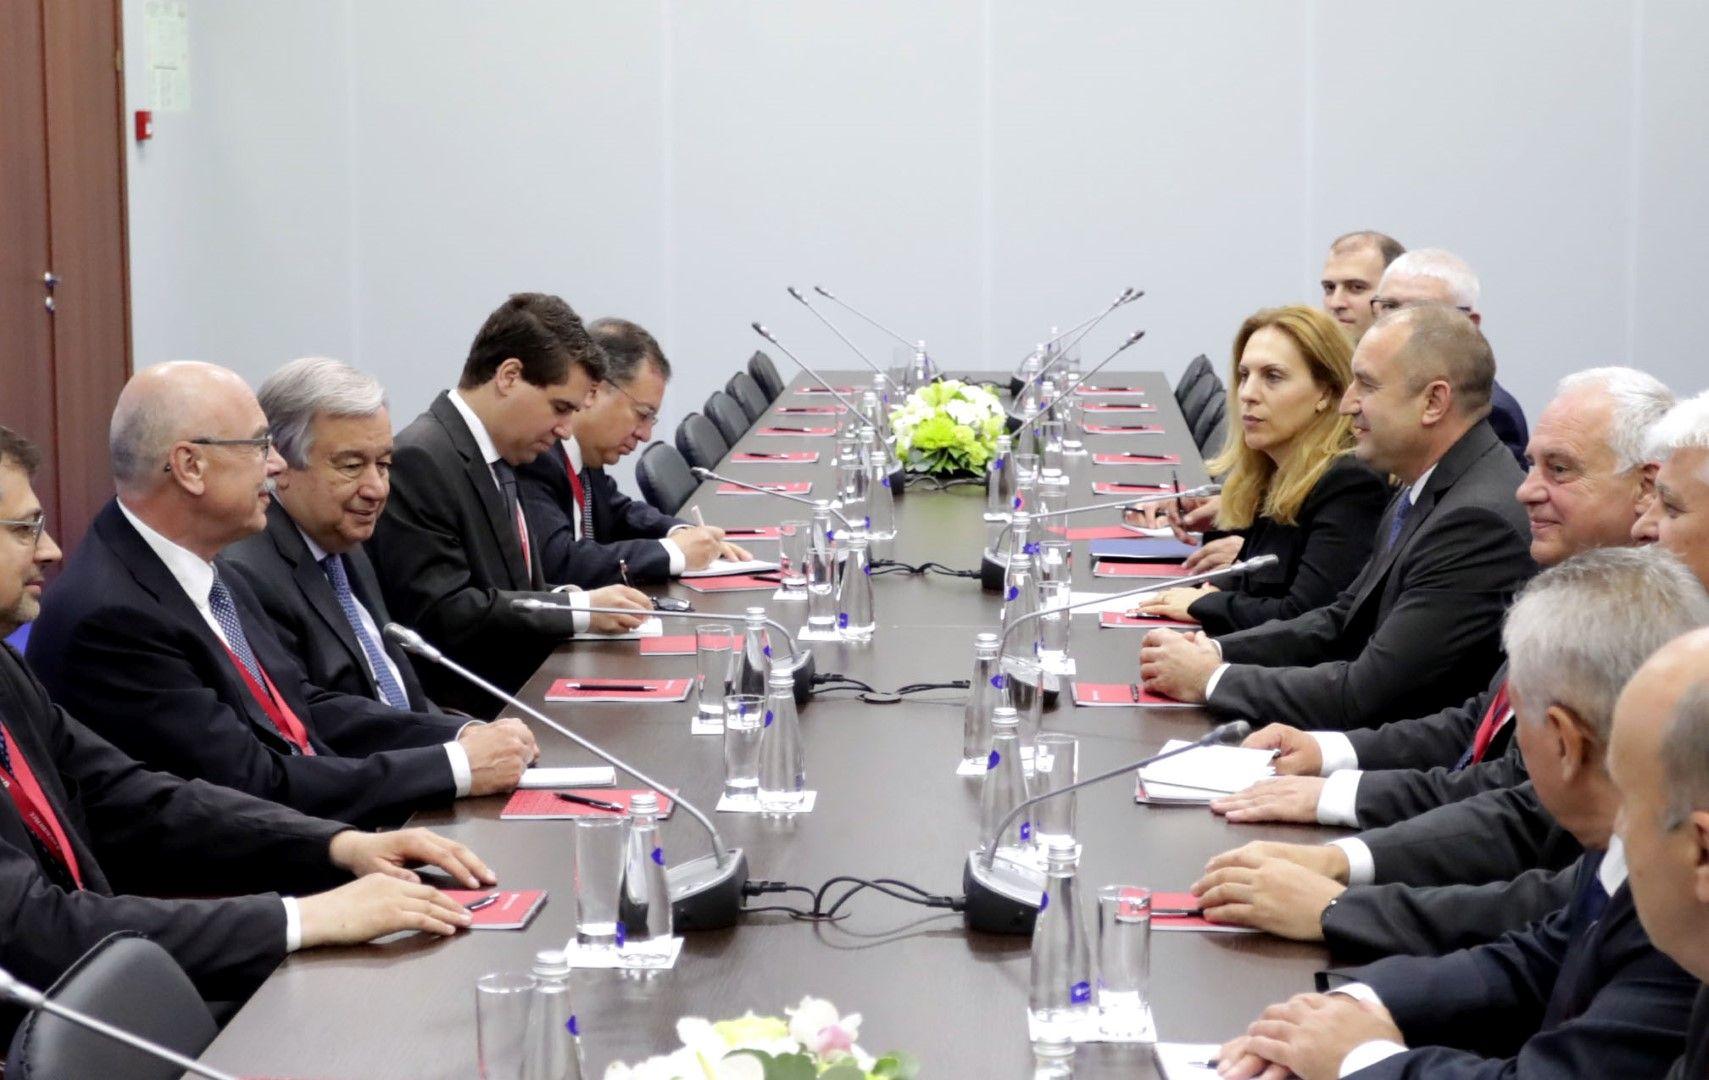 Делегациите, придружаващи Румен Радев и генералния секретар на ООН Антониу Гутериш по време на срещата